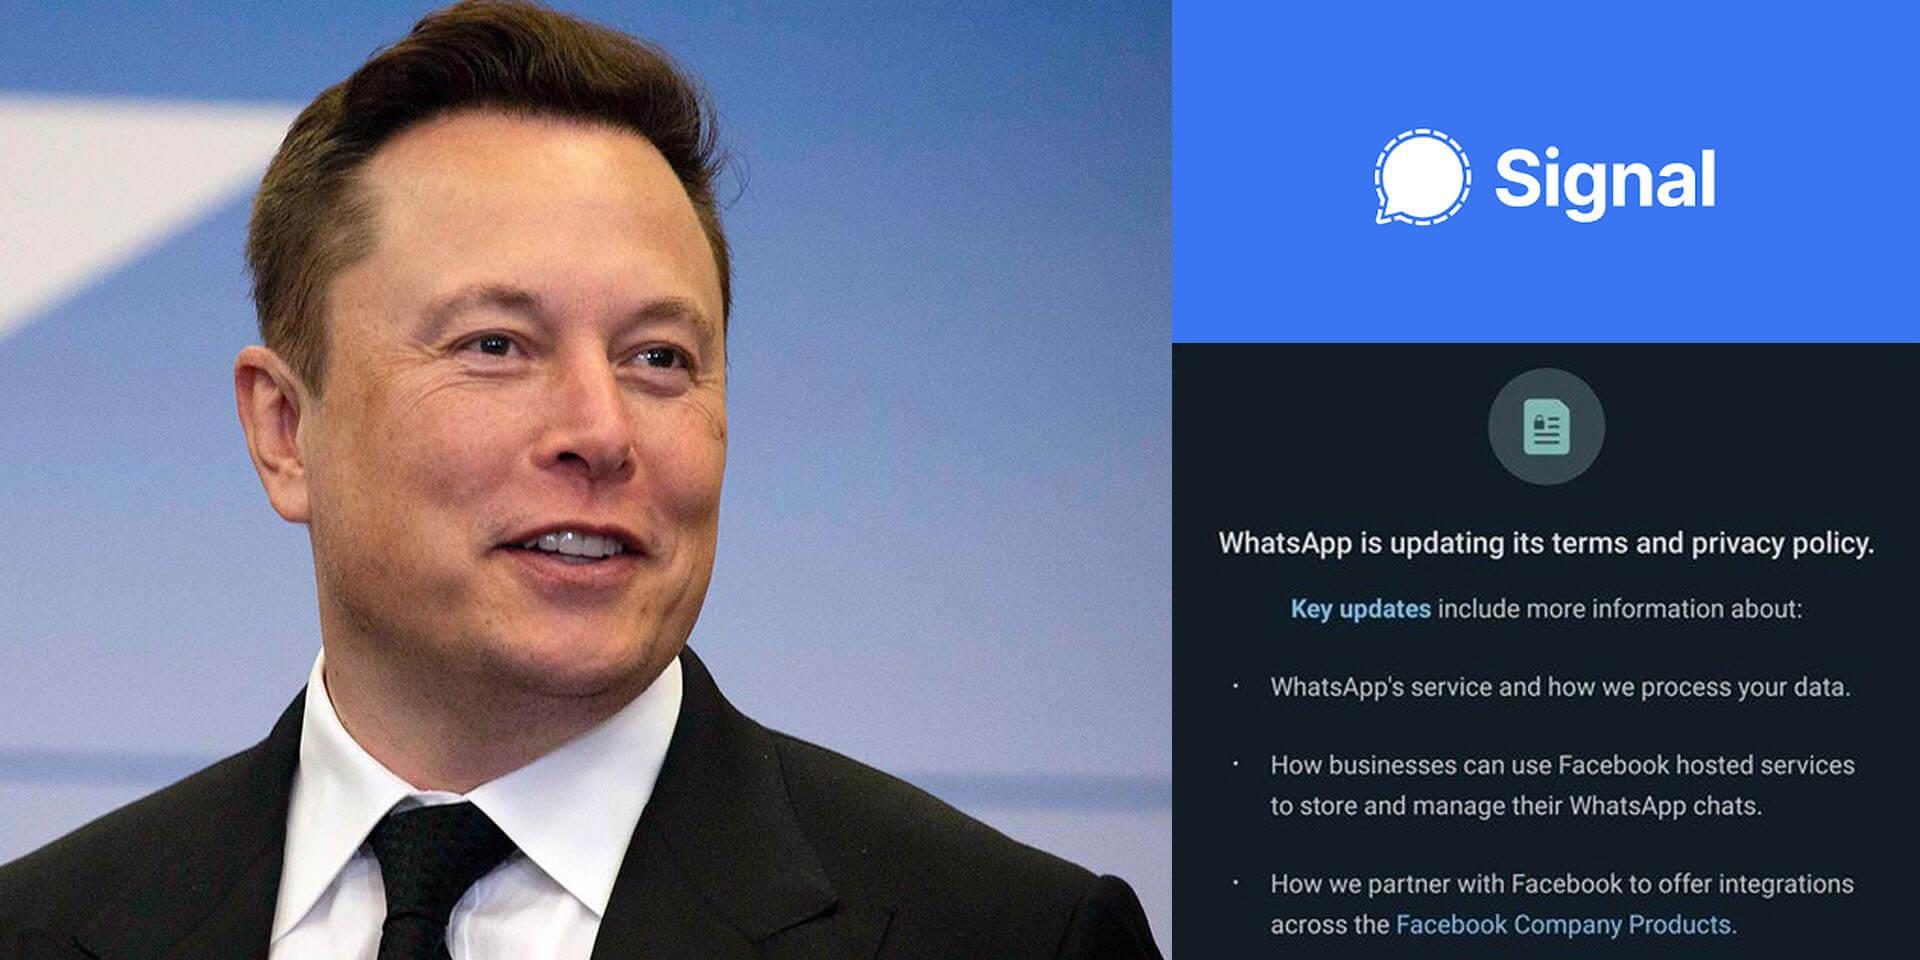 កំពូលមហាសេដ្ឋីលេខ ១ Elon Musk គាំទ្រកម្មវិធីទំនាក់ទំនងសង្គម Signal កំពុងតែមានប្រជាប្រិយភាព